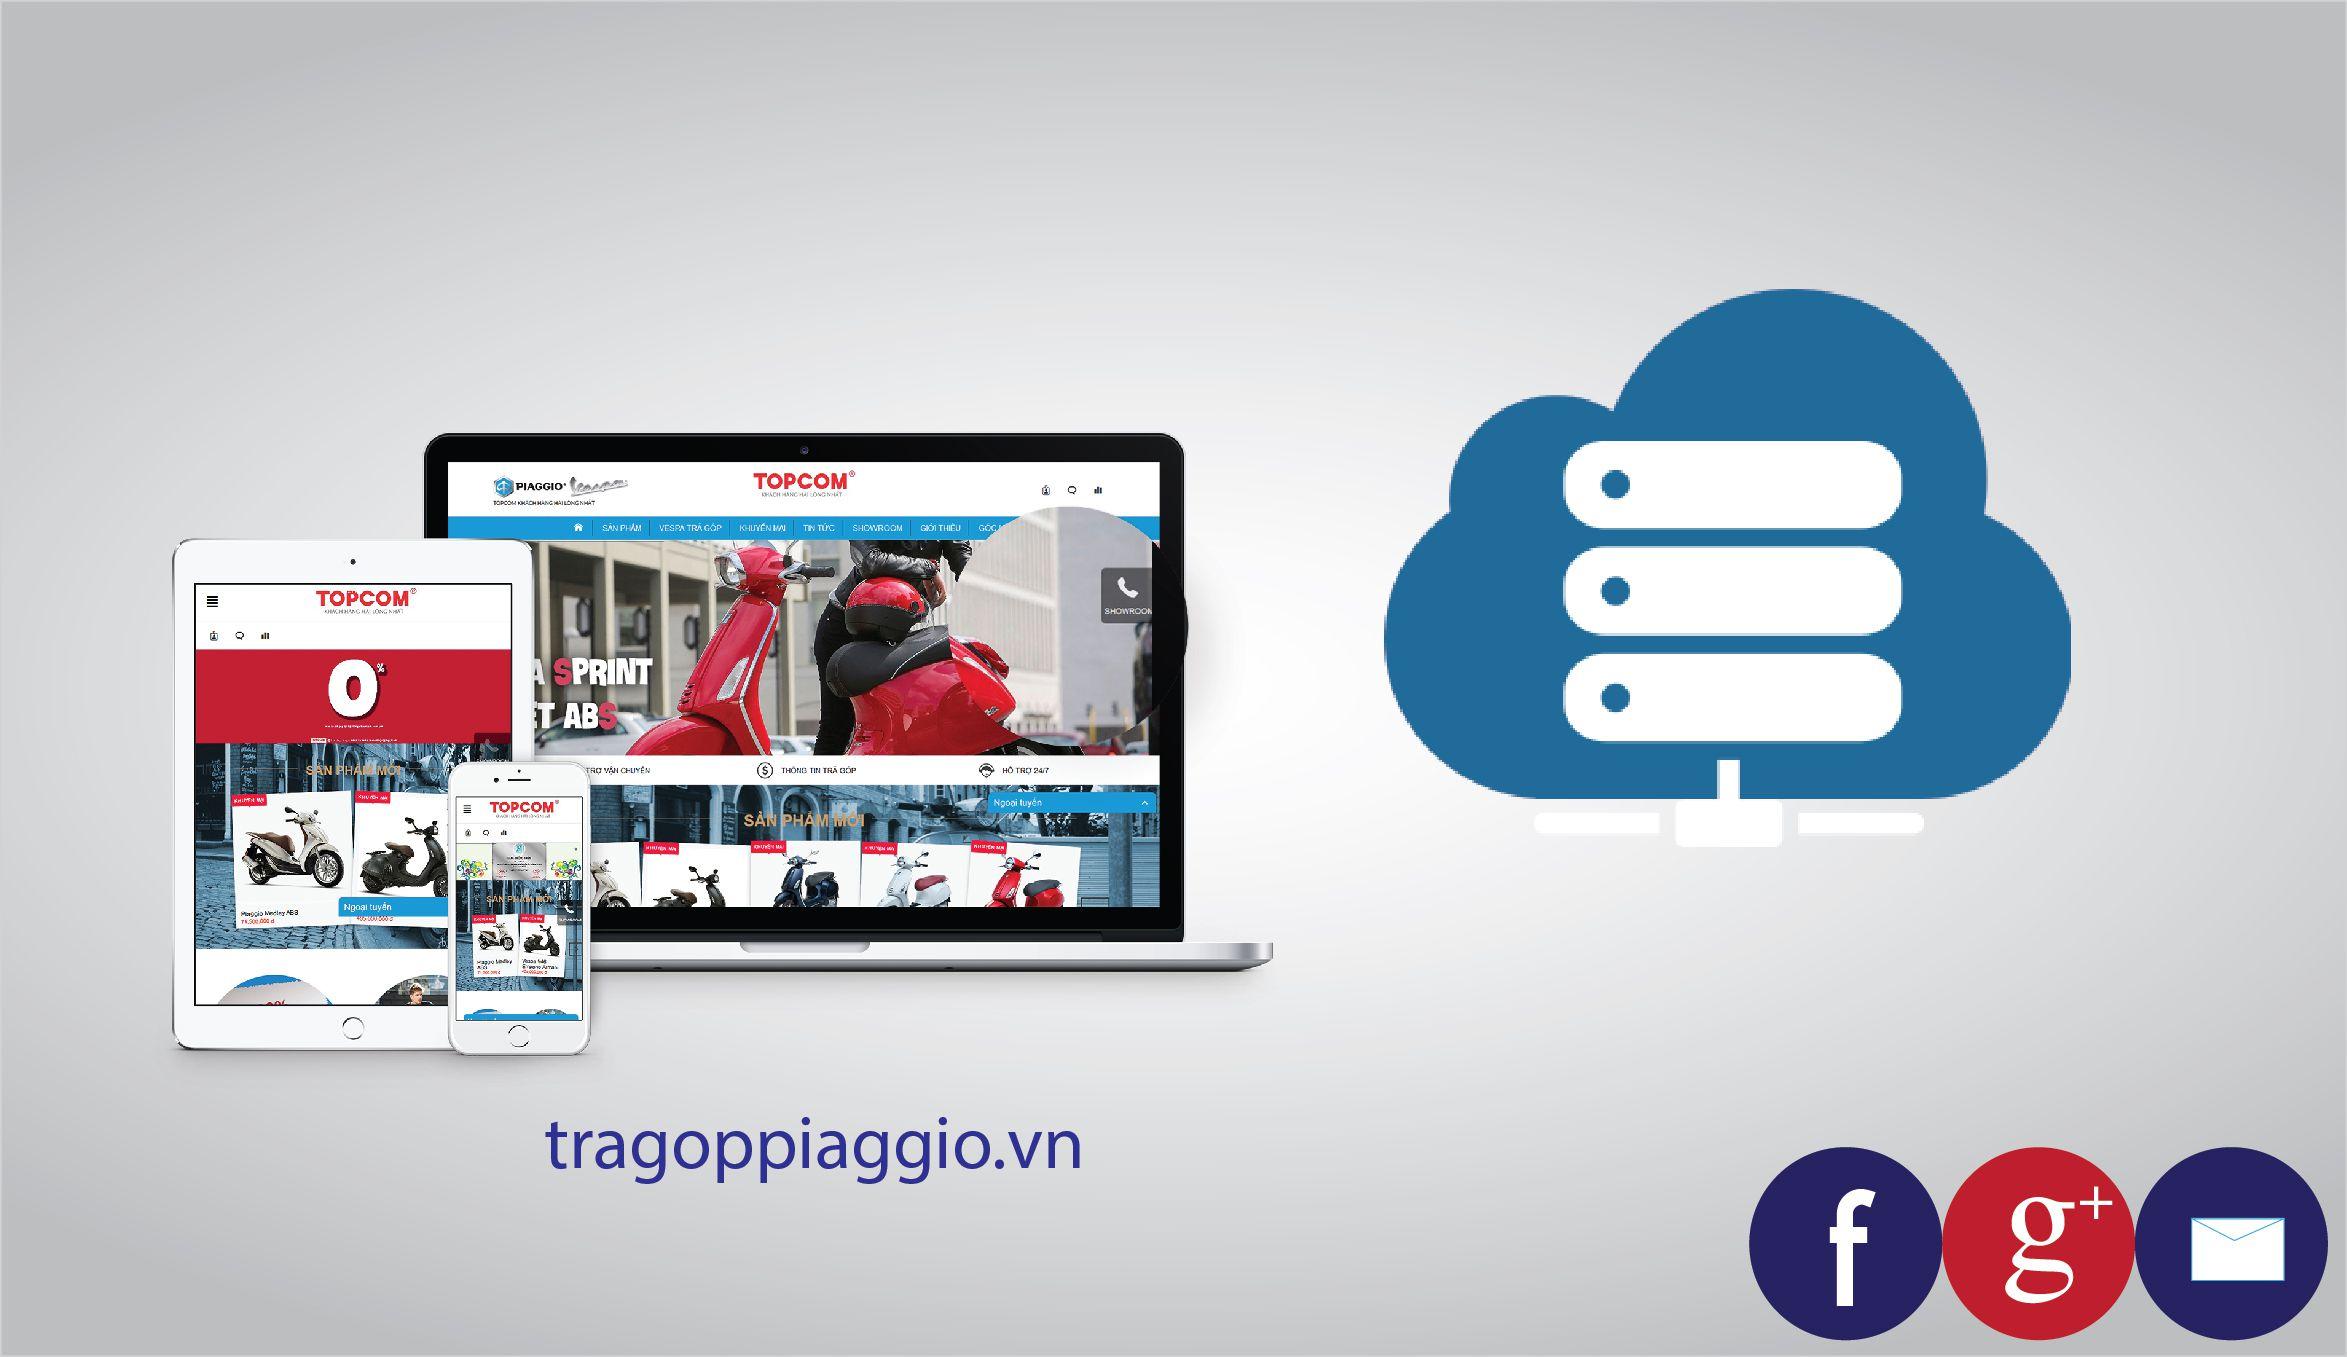 Hosting lưu trữ cho website tragoppiaggio.vn